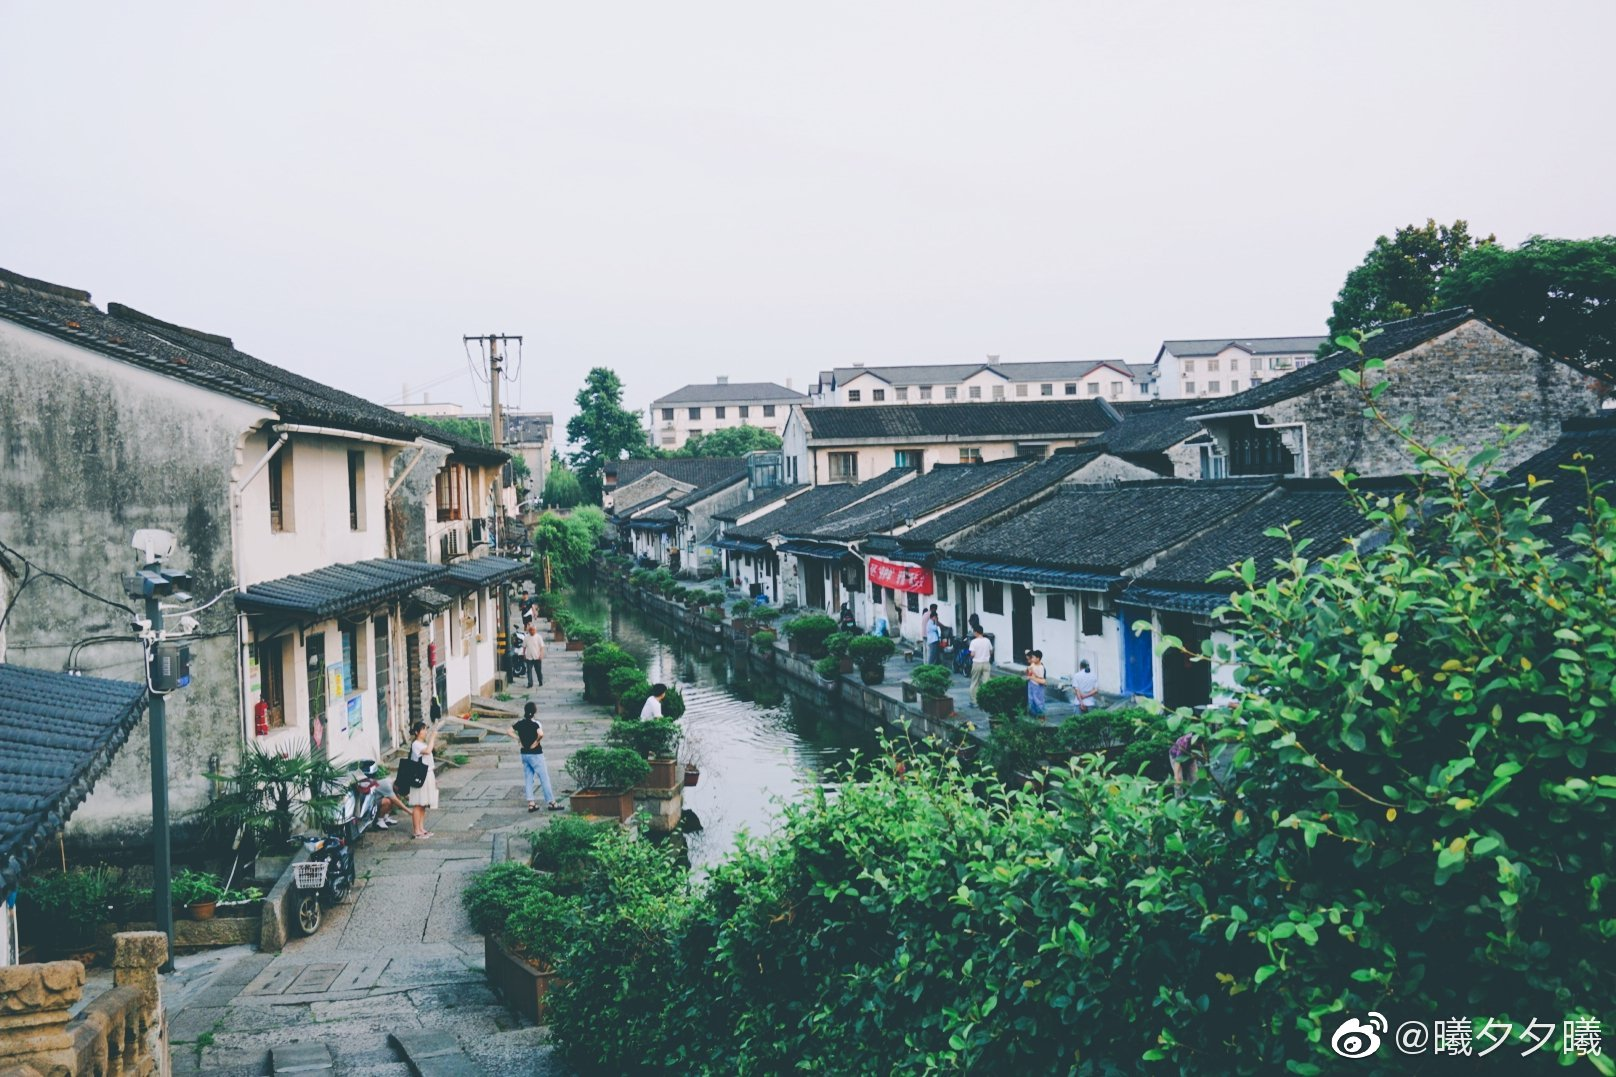 小桥流水、吴侬软语人杰地灵、江南水乡穿梭于小巷古桥间的日子~